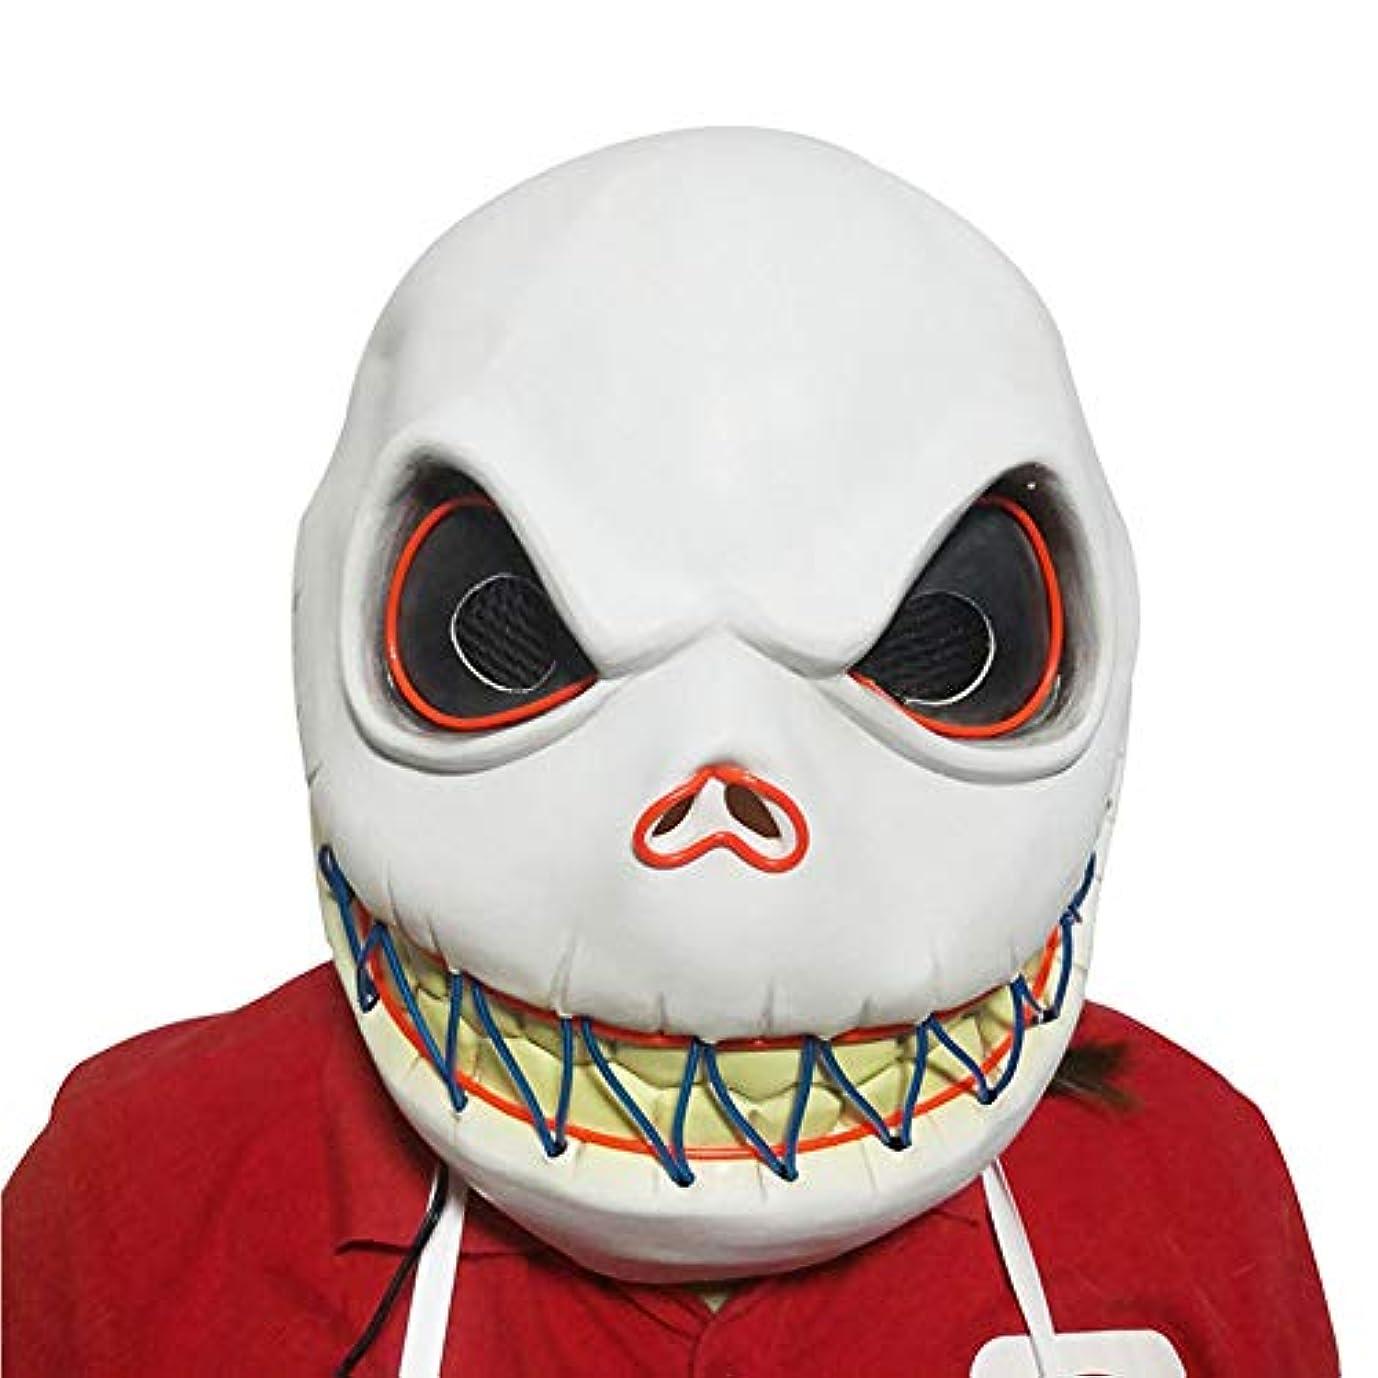 頑丈ボアフレアハロウィーンマスク、顔をしかめるラテックスマスク、ハロウィーン、テーマパーティー、カーニバル、レイブパーティーに適しています。